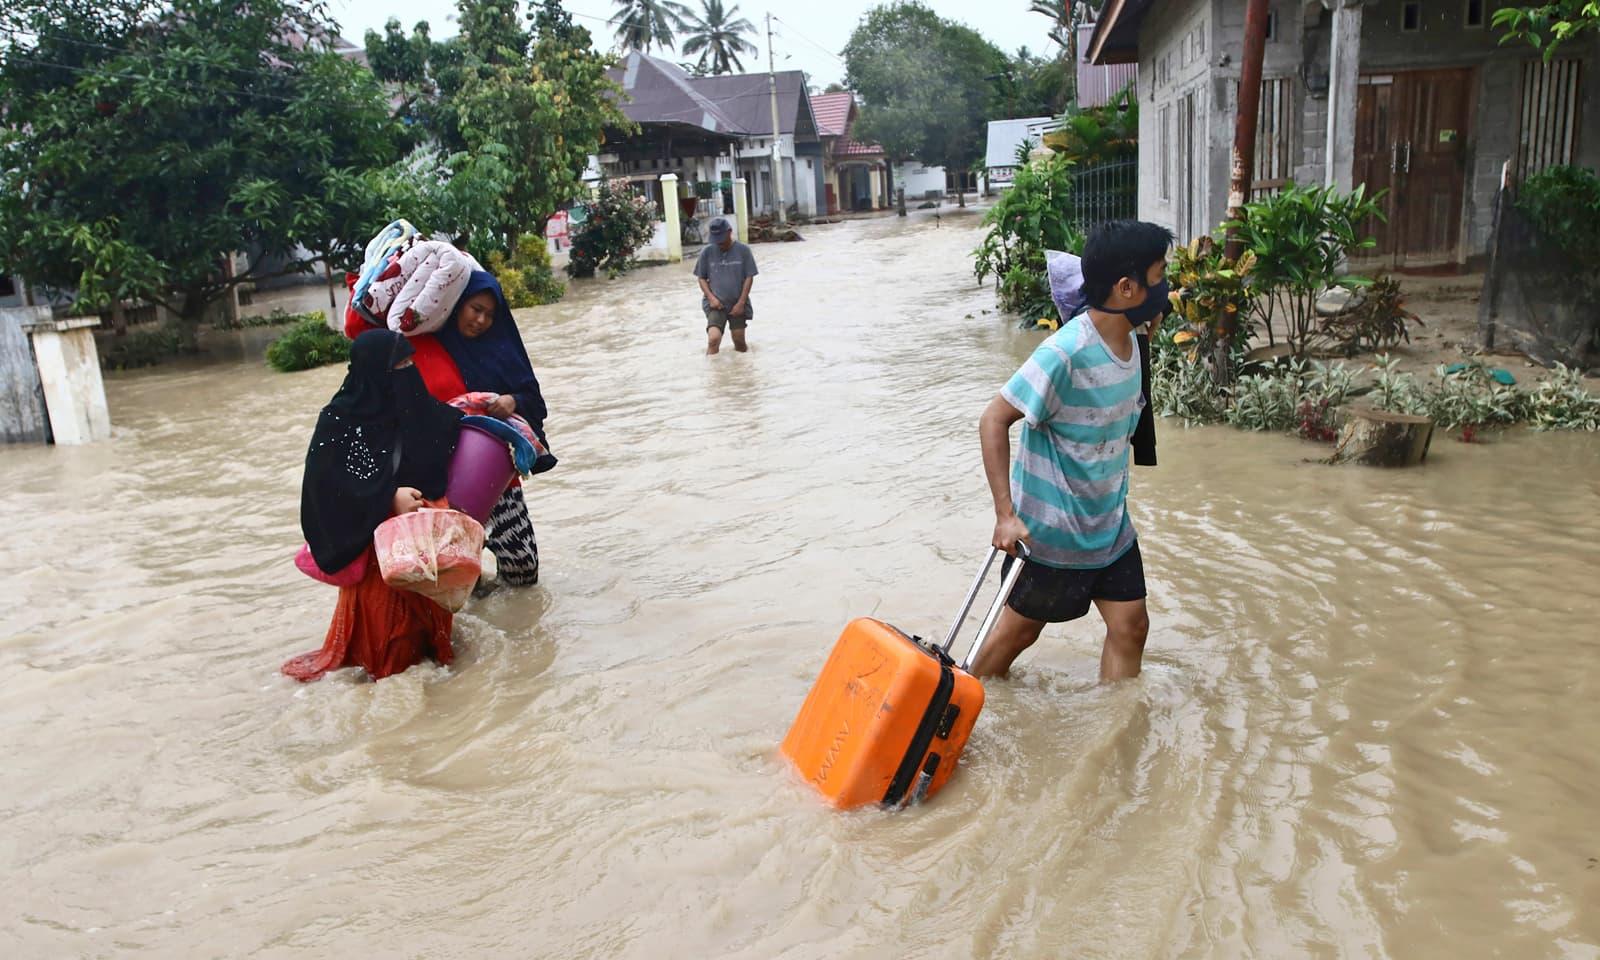 انڈونیشیا کے صوبے سلاسیوی میں لوگ ضروری سامان لے کر نقل مکانی کر رہے ہیں— فوٹو: اے پی